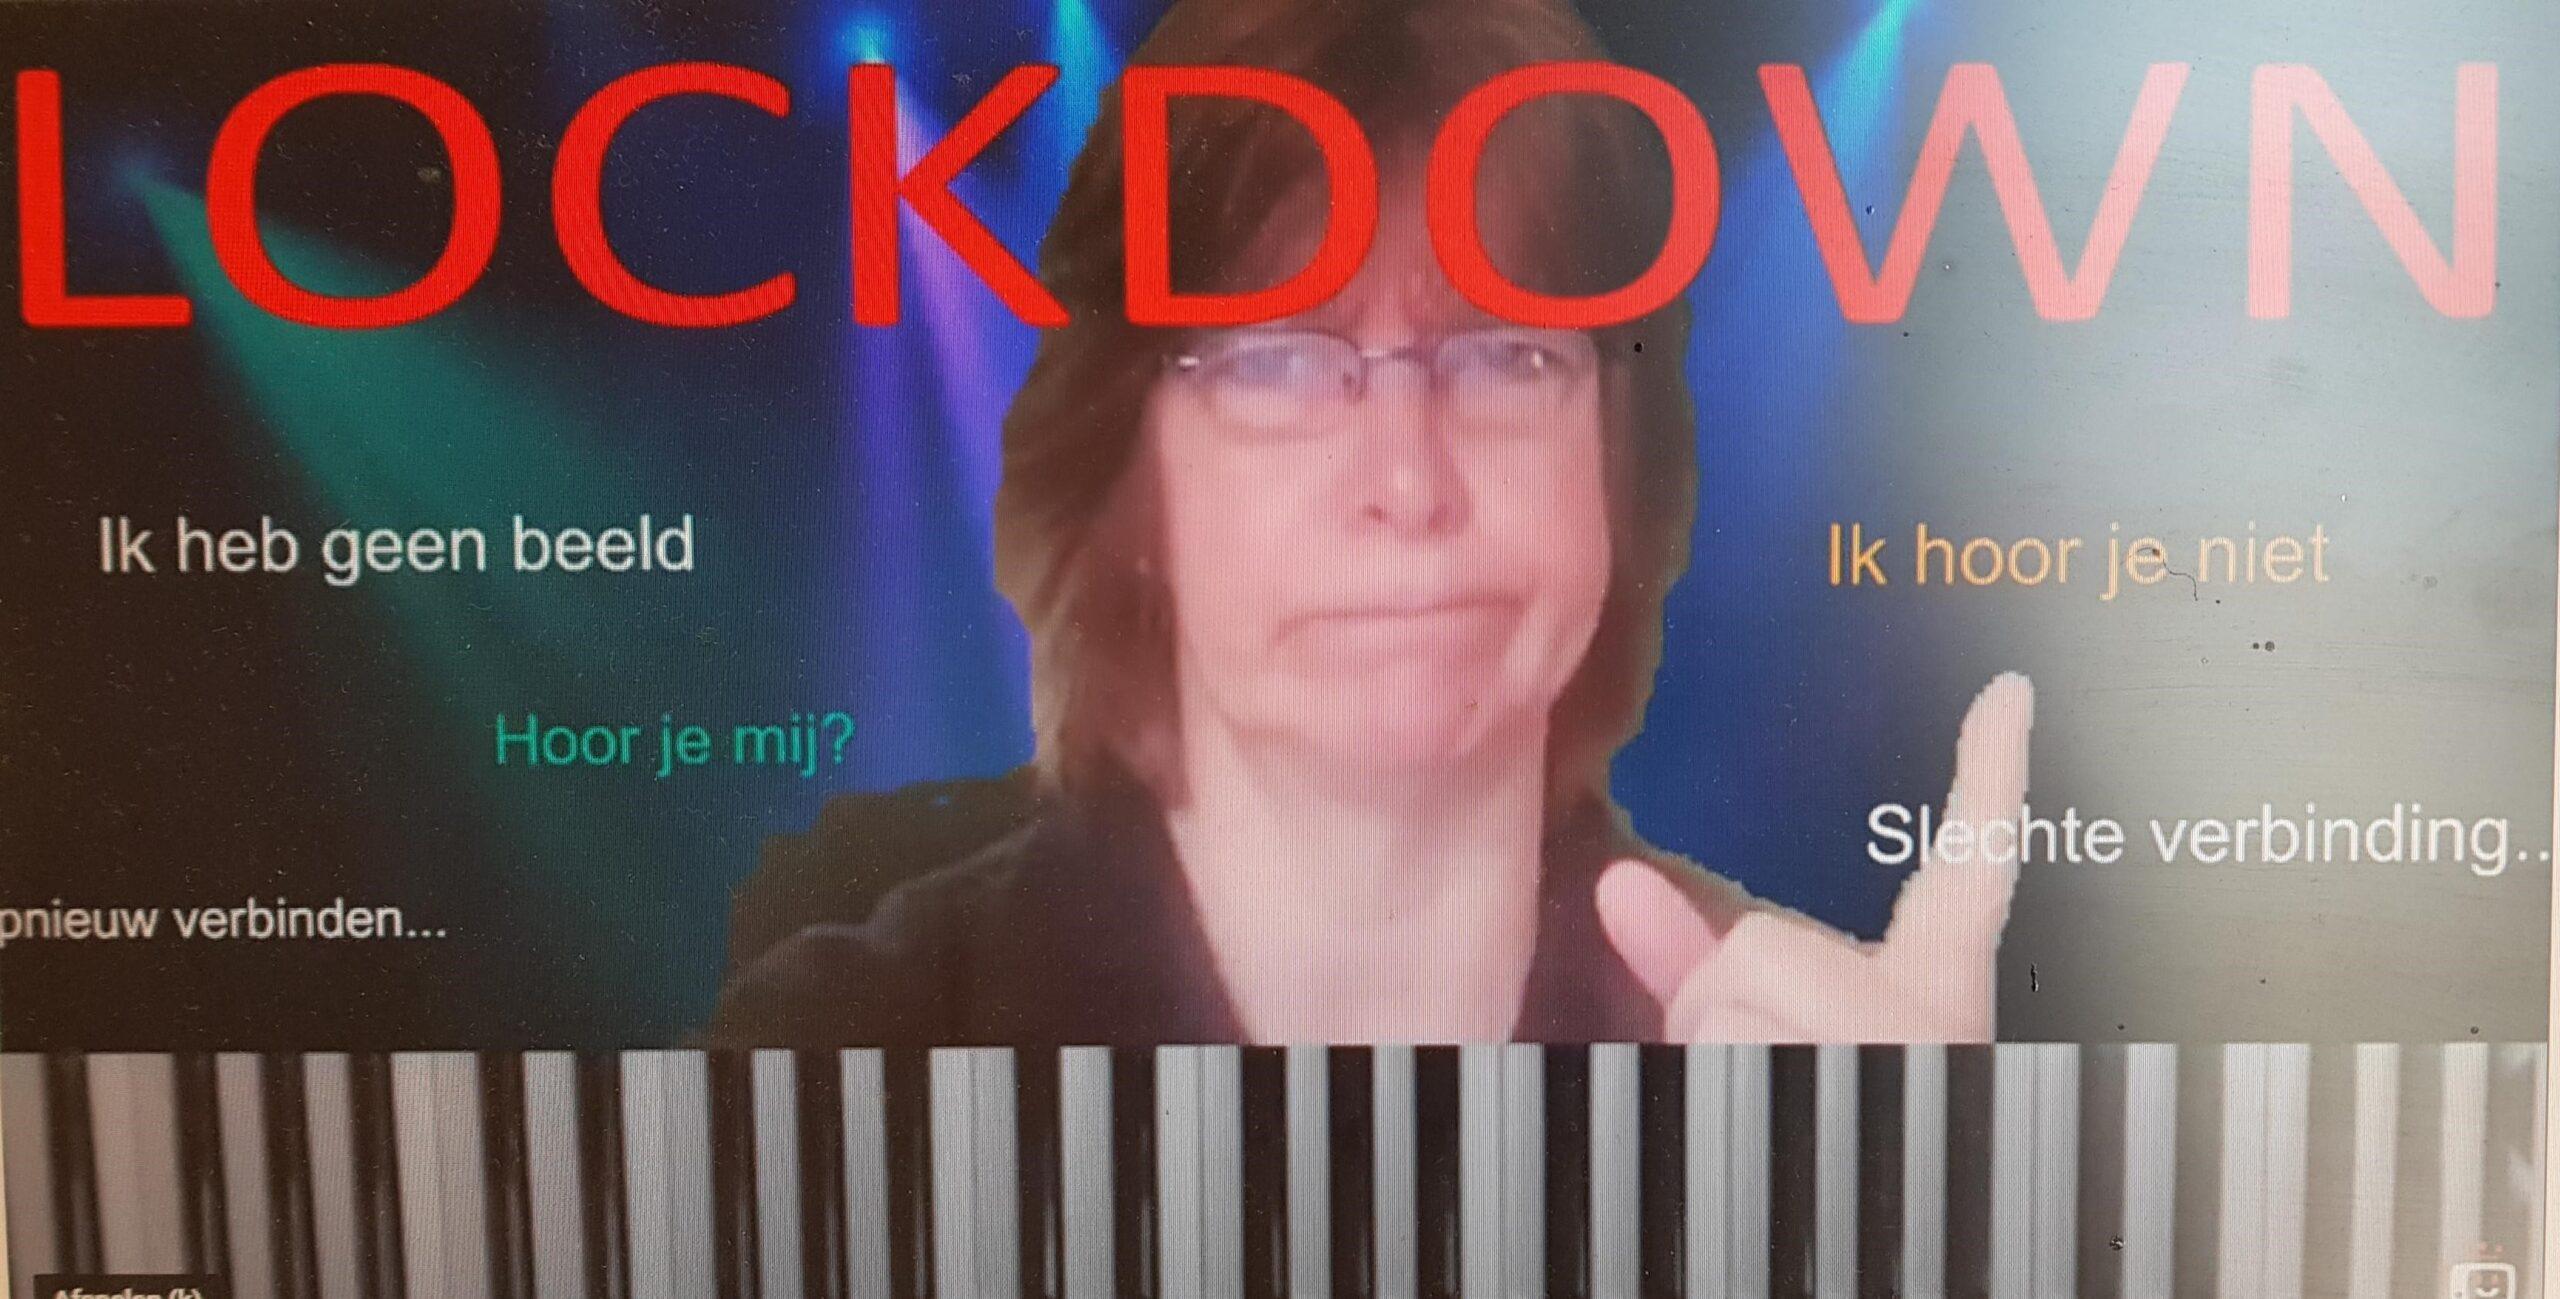 Shout out - Fluit in de lockdown